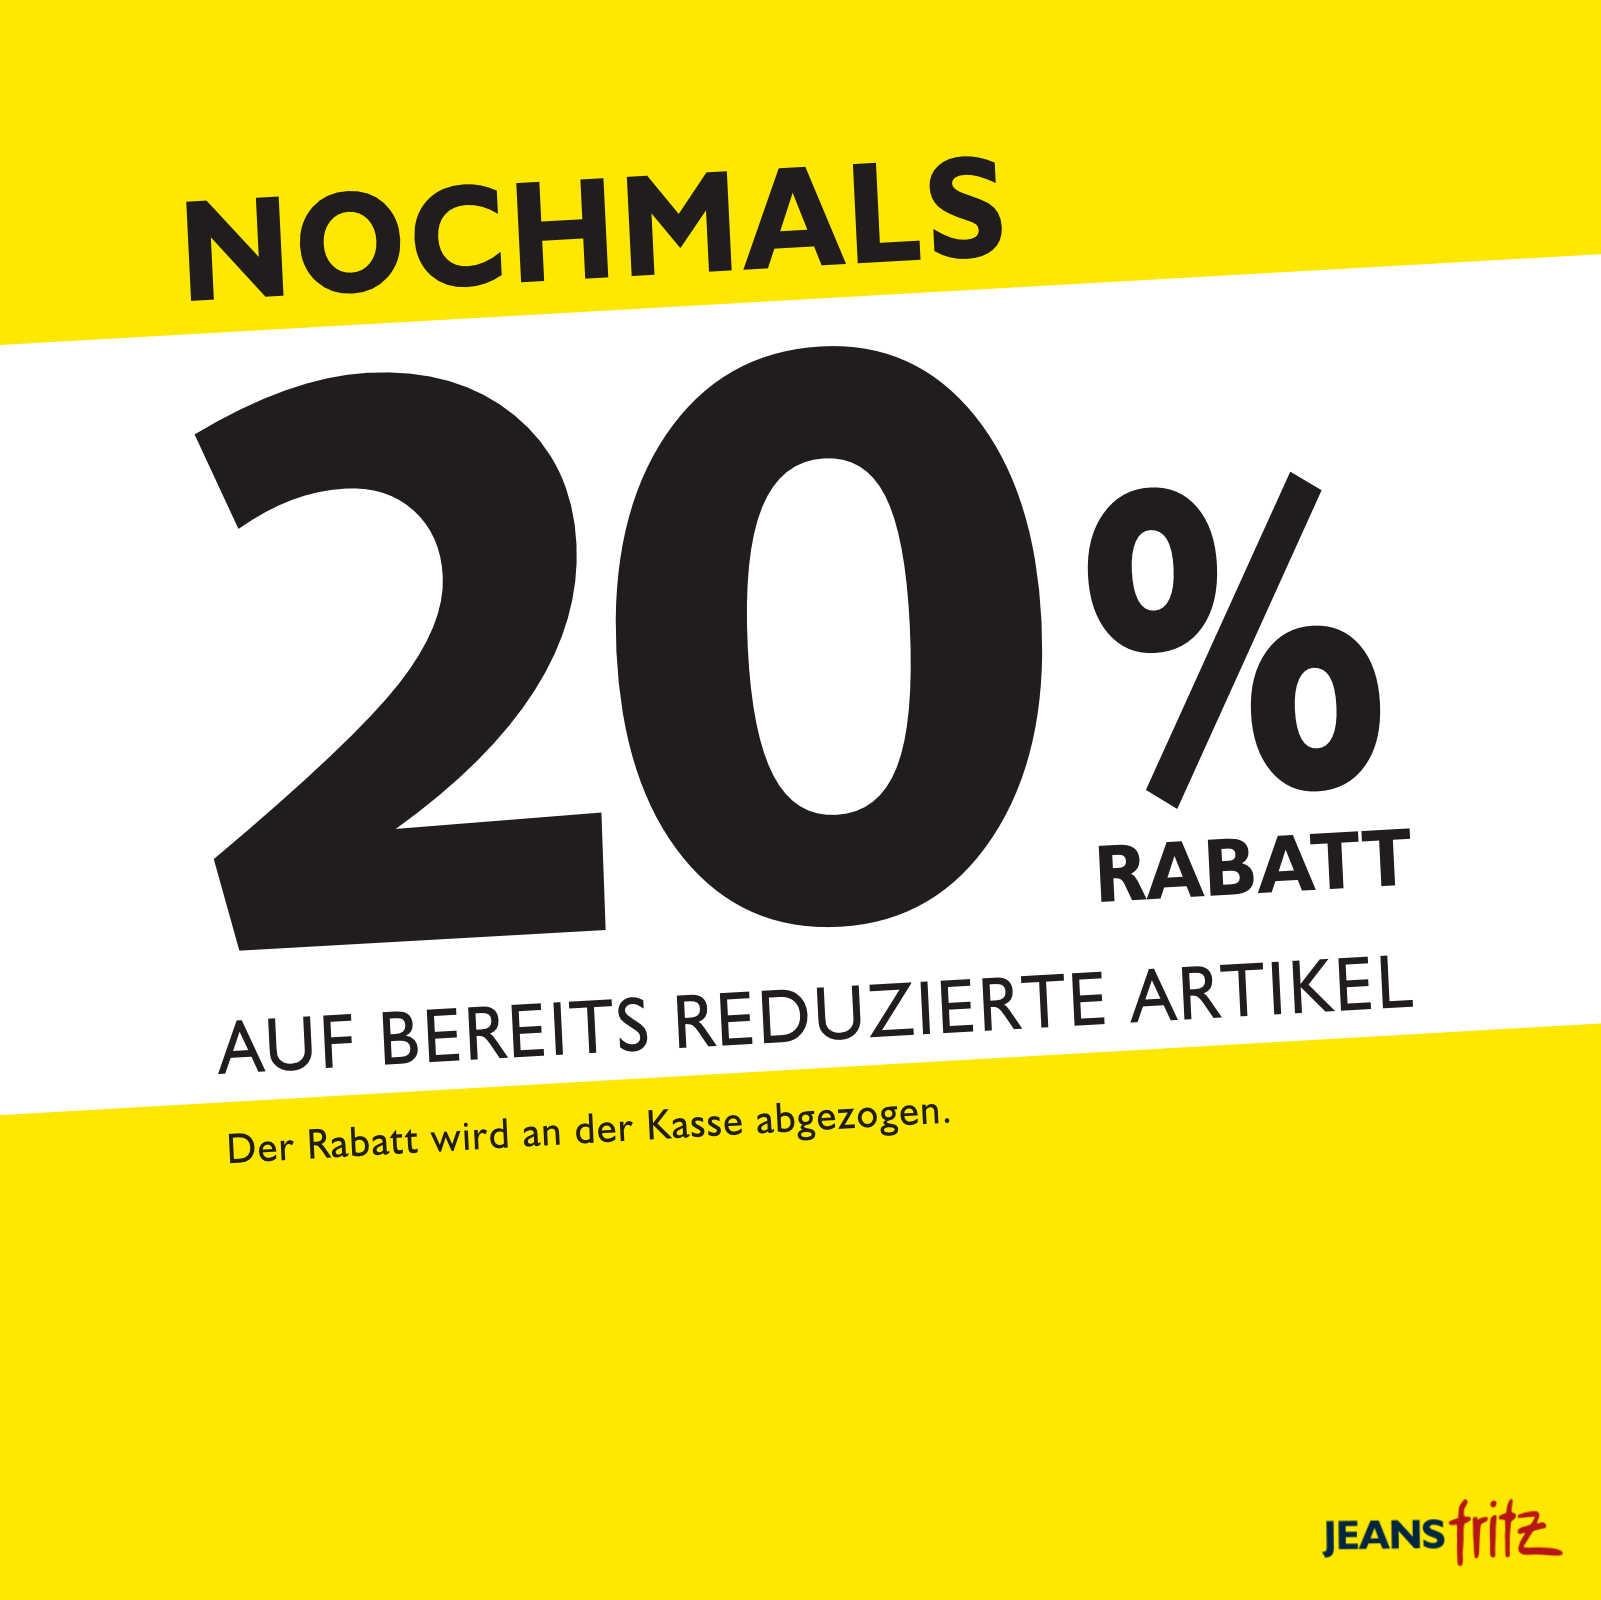 20% auf SALE bei Jeans Fritz